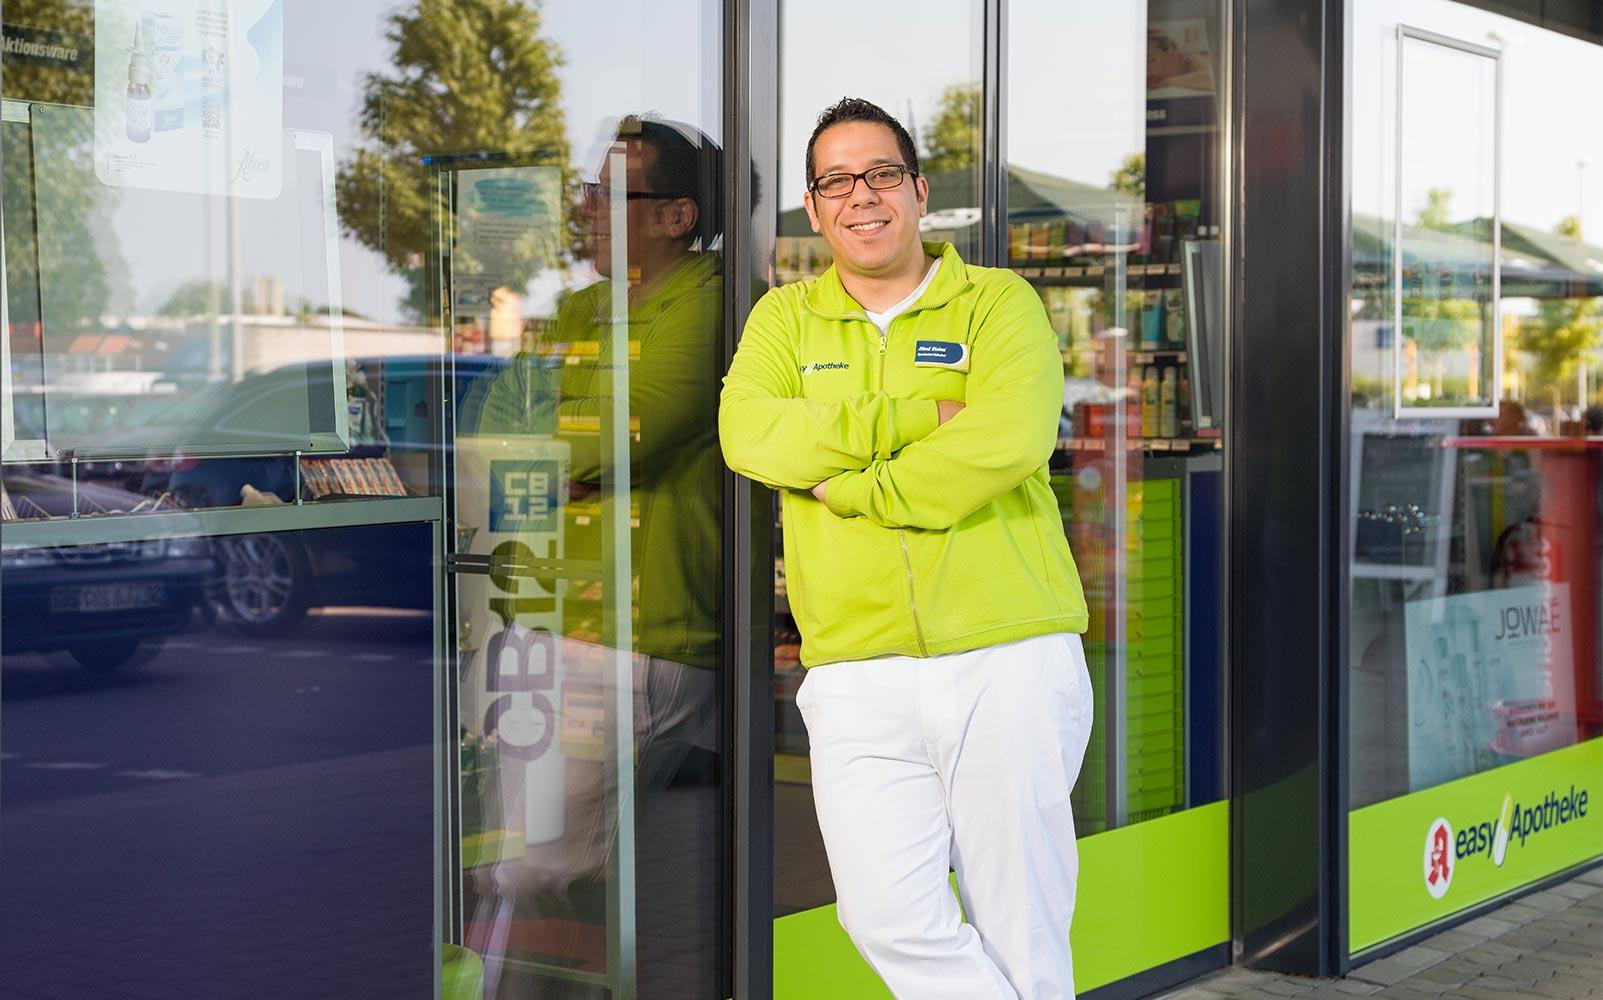 Apothekeinhaber Jihed Slaimi vor seiner easyApotheke Henstedt-Ulzburg